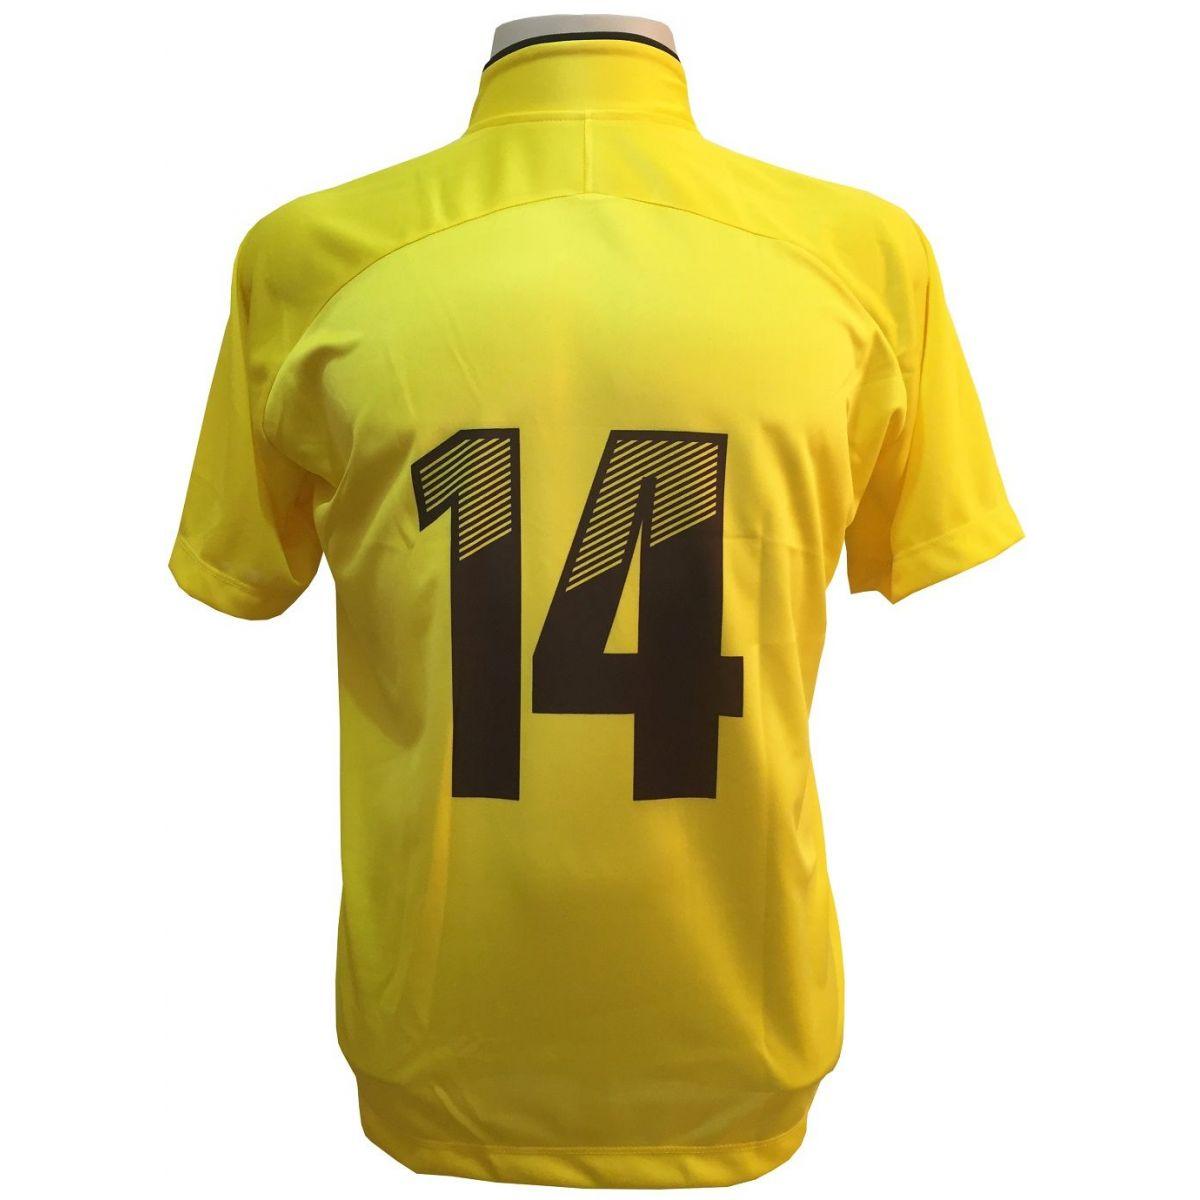 Uniforme Esportivo com 12 Camisas modelo City Amarelo/Preto + 12 Calções modelo Madrid Amarelo + 12 Pares de meiões Preto